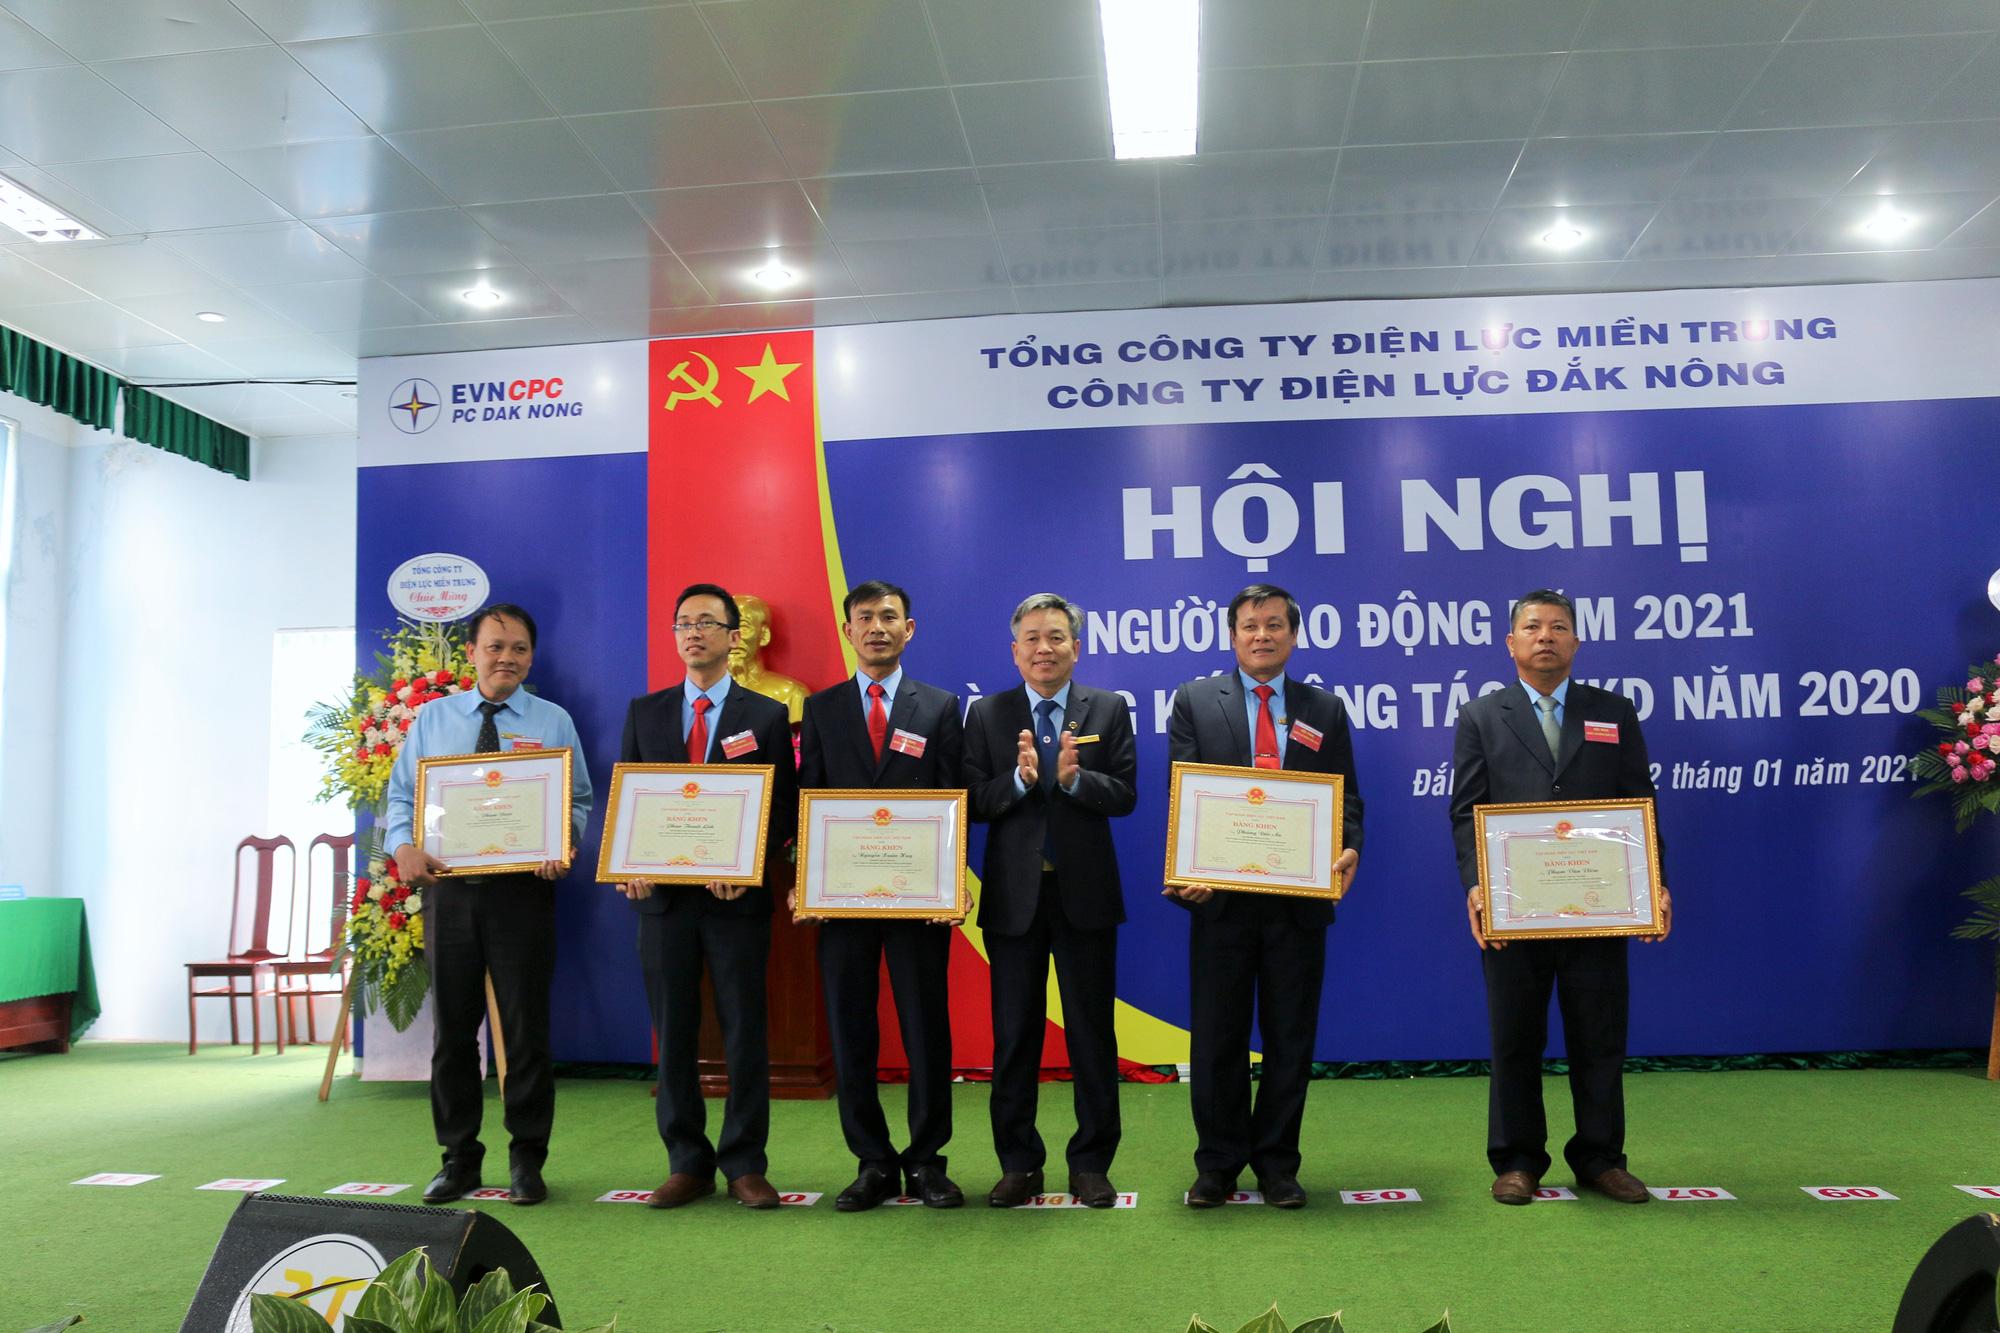 PC Đắk Nông: Hội nghị đại biểu Người lao động năm 2021 thành công tốt đẹp - Ảnh 4.